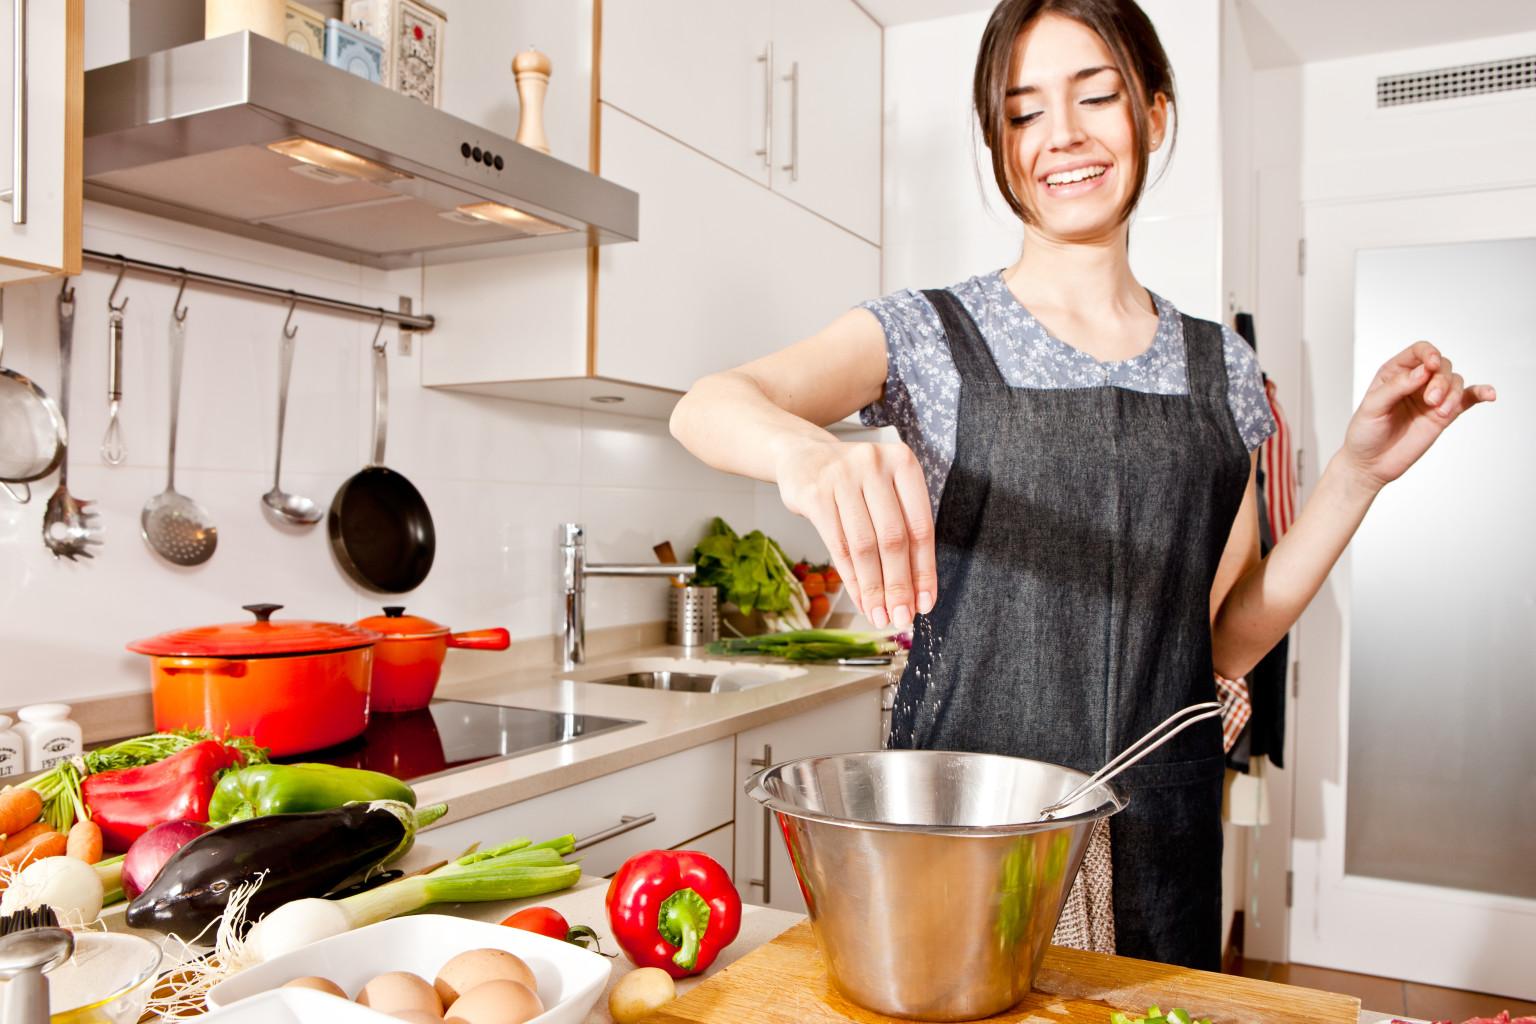 Фото син їбе маму на кухні 32 фотография